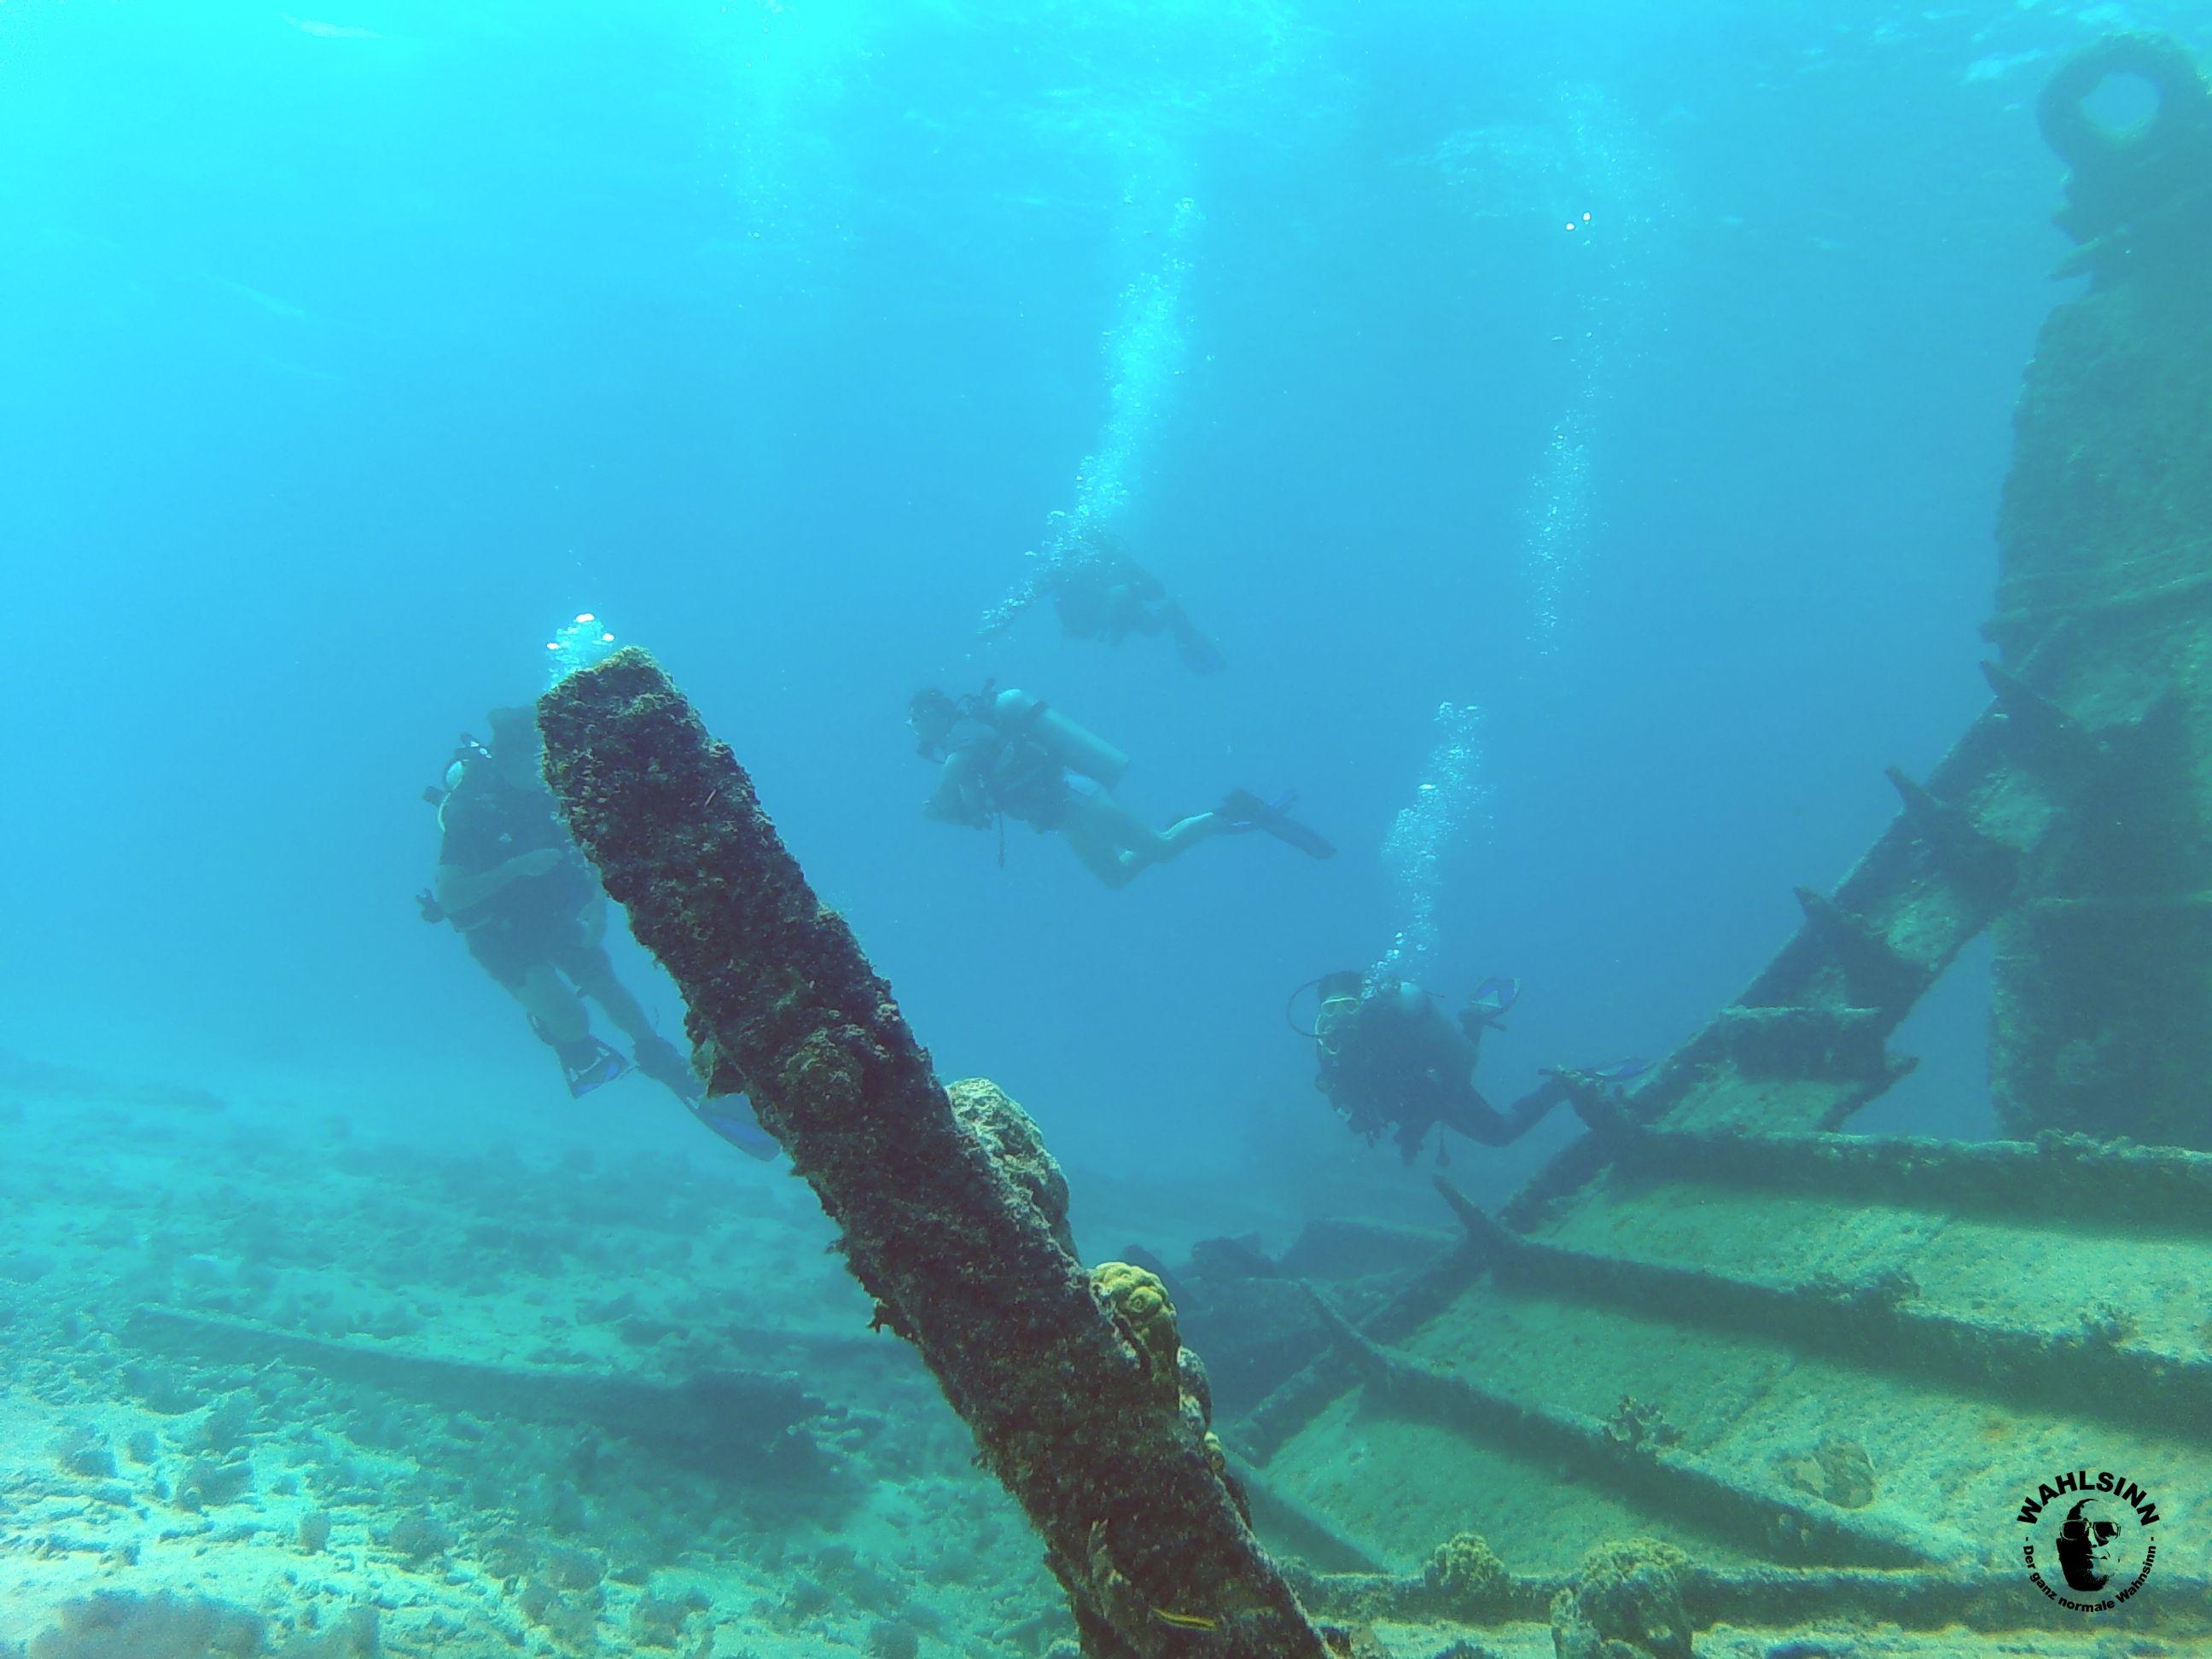 Aruba - Es ist zwar nicht Divers Paradise (Bonaire), aber mind. genau so schön wenn nicht sogar nen takken schöner. Ein träumchen hier abzutauchen